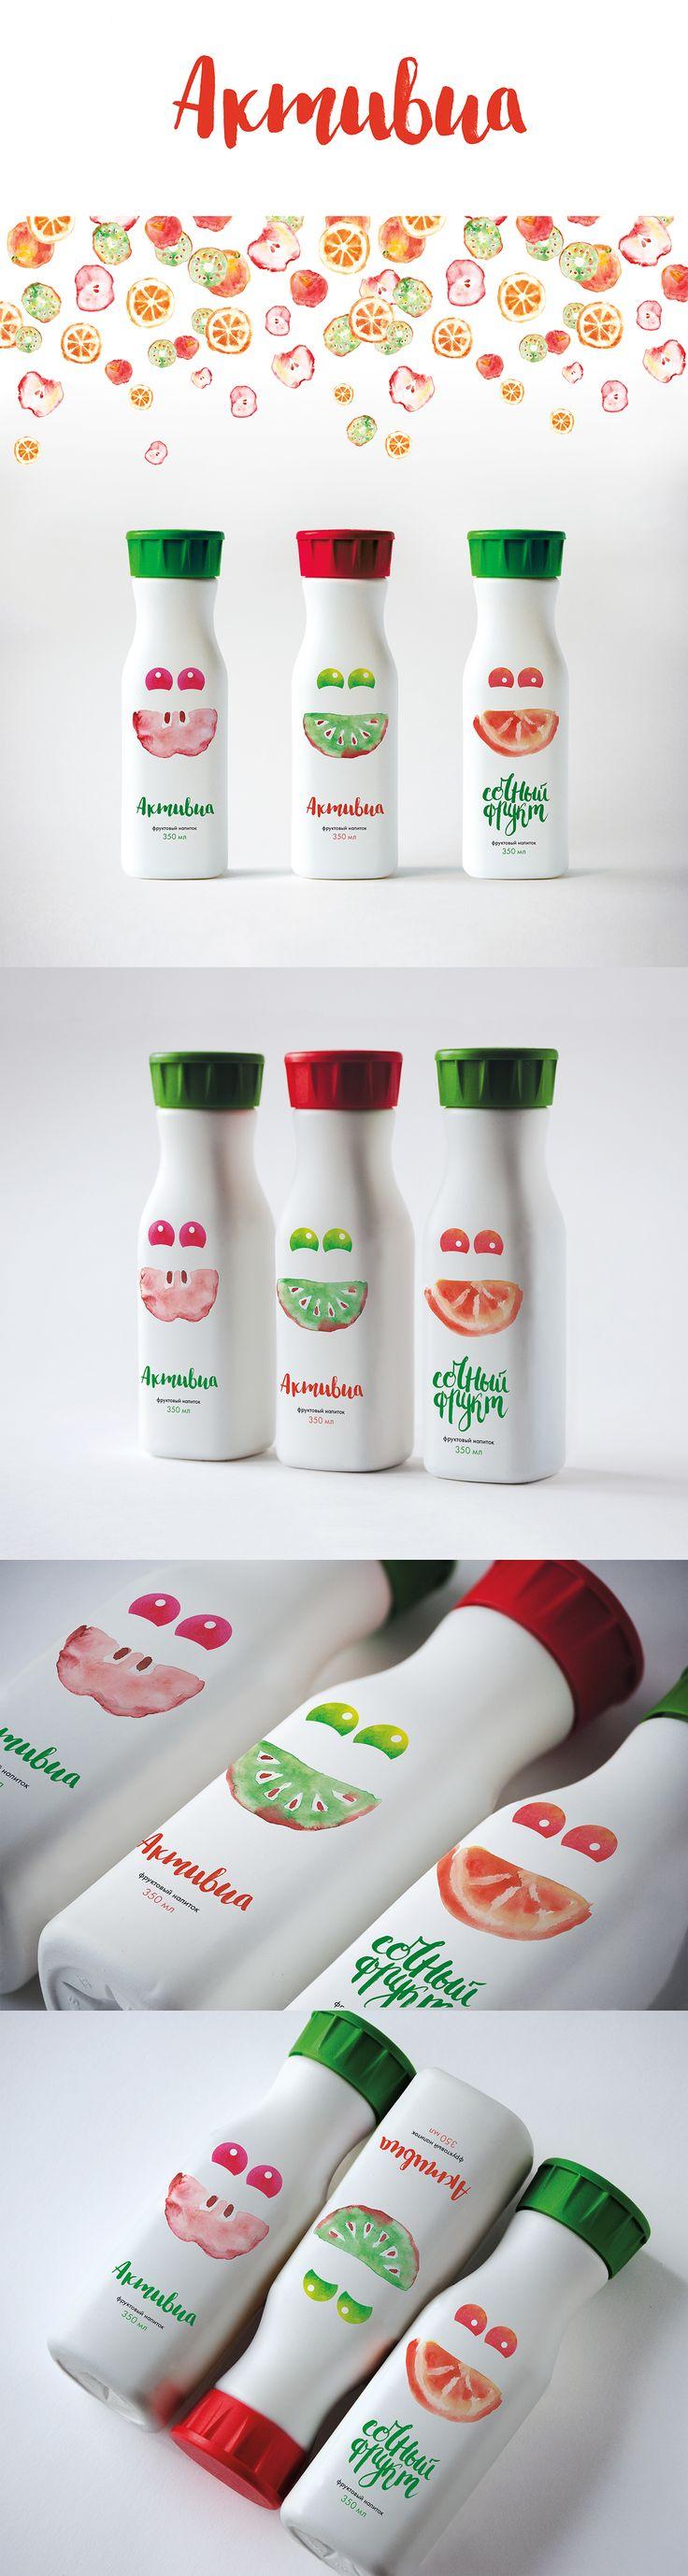 packaging fruit drink brand